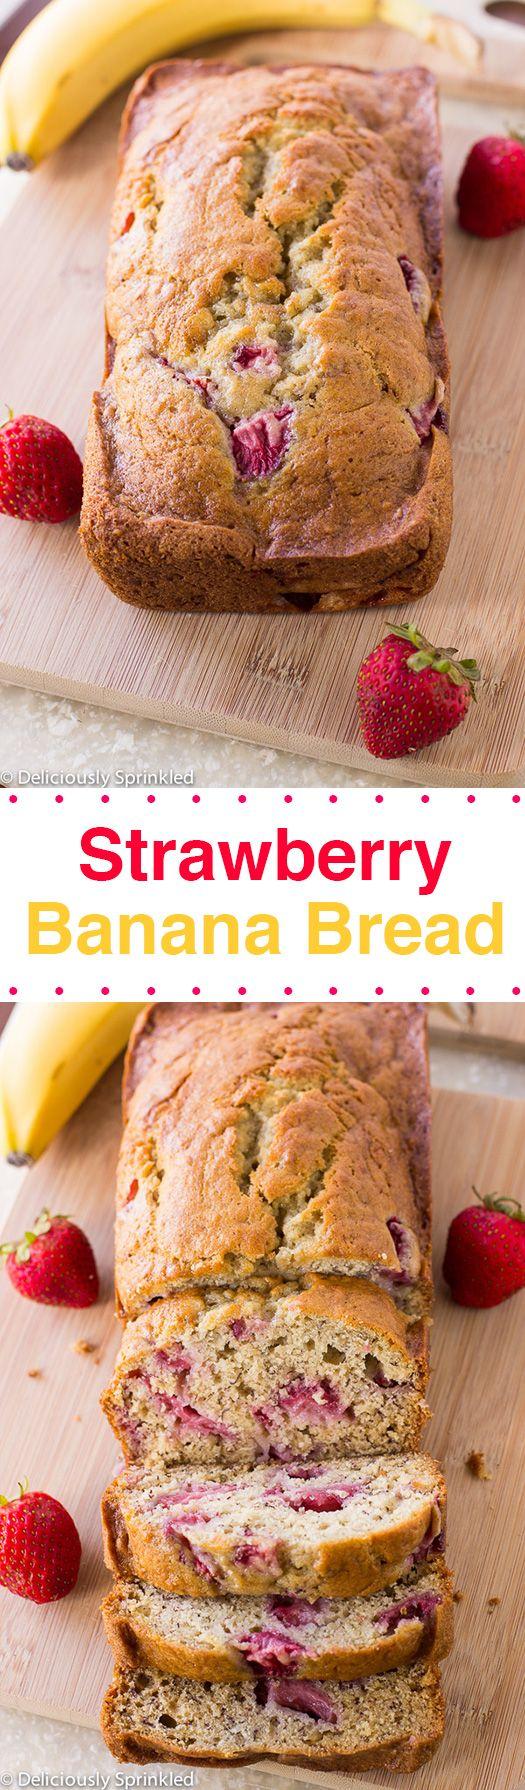 Strawberry Banana Bread Recipe The Recipe Critic Recipes Strawberry Banana Bread Banana